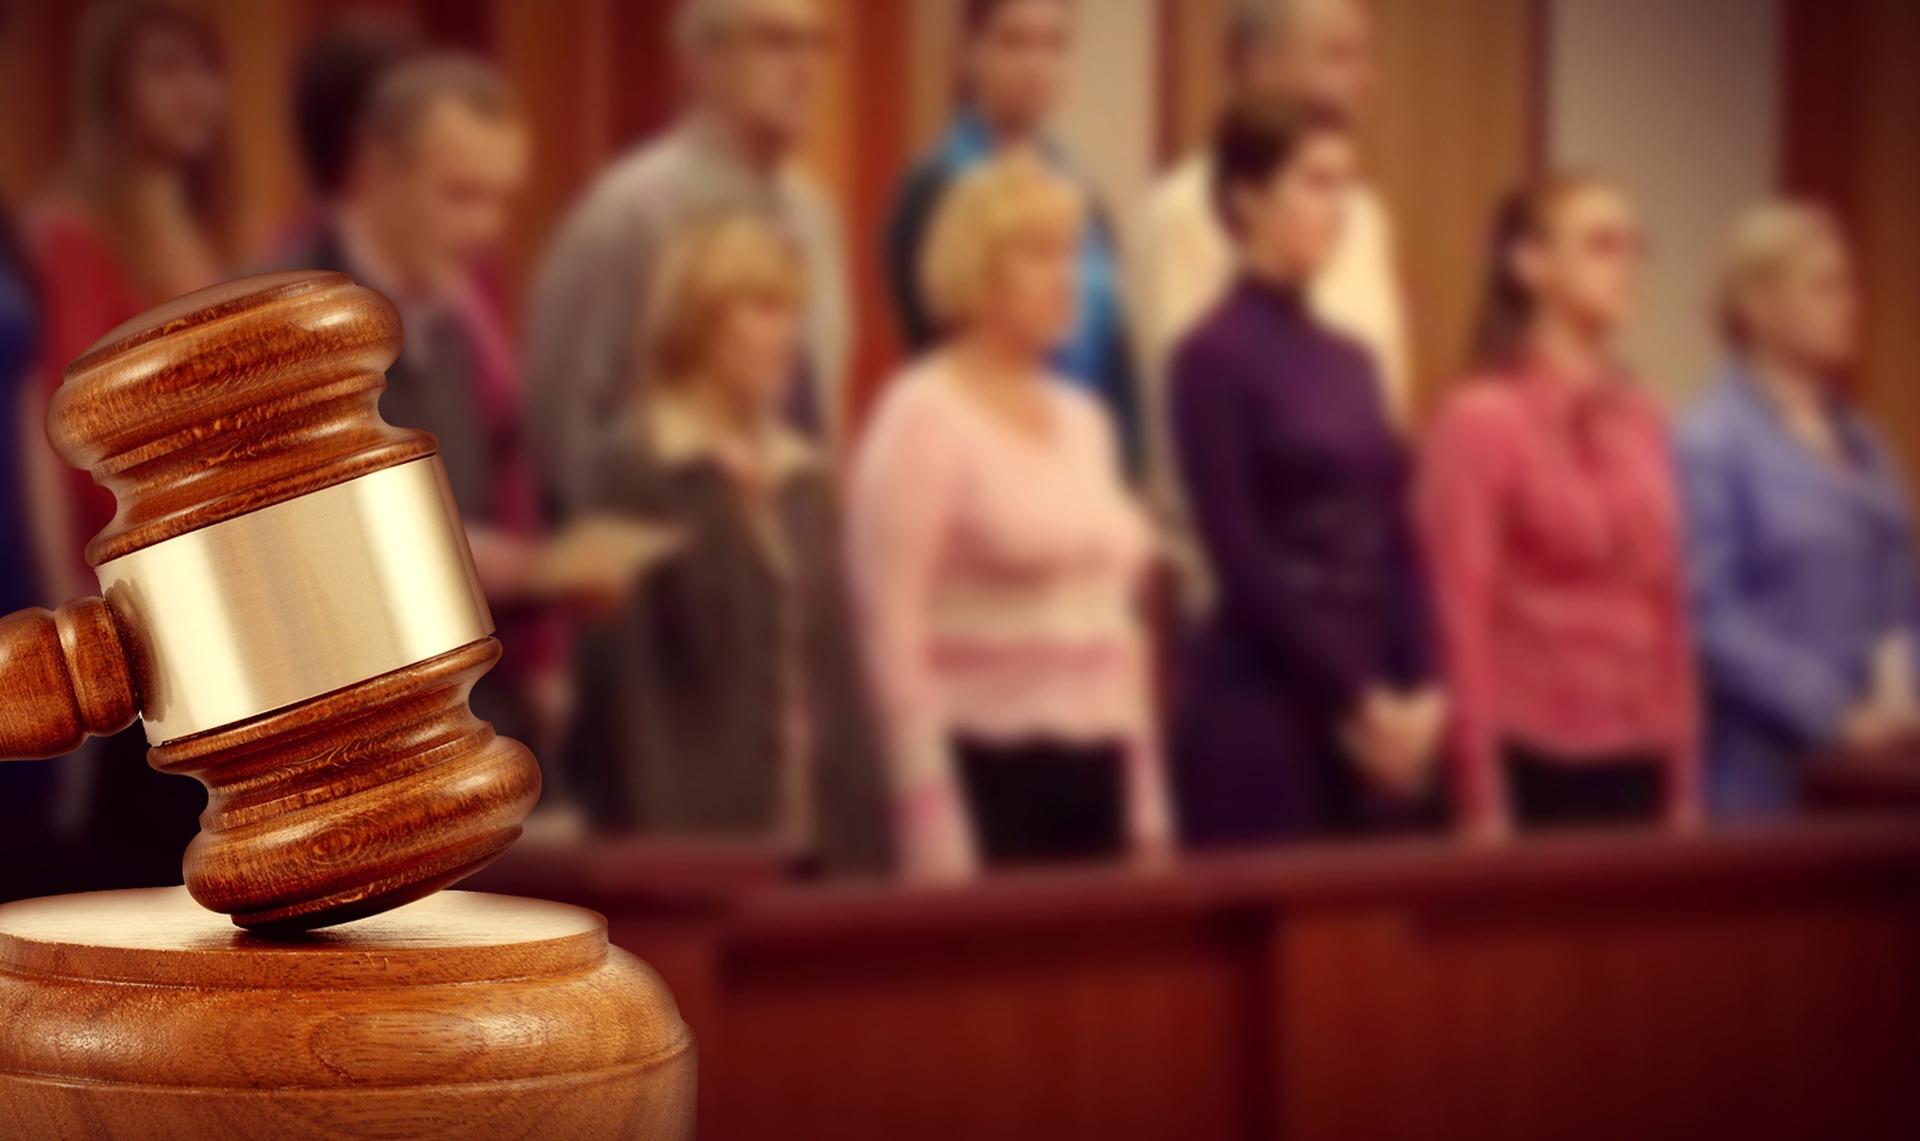 Присяжные заседатели в Тверской области признали, что убийца заслуживает снисхождения